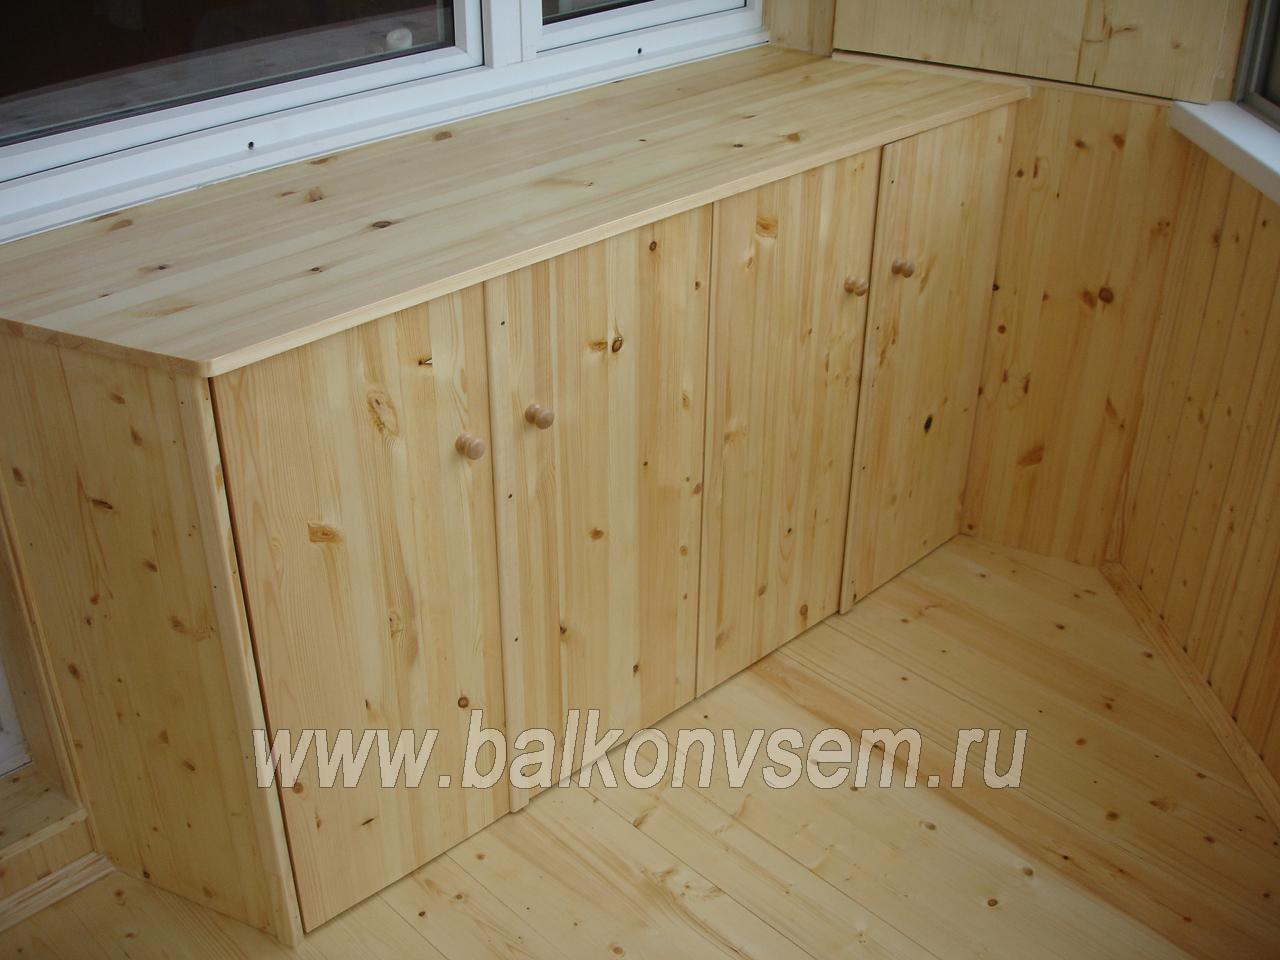 Простая Мебель из деревянного щита своими руками